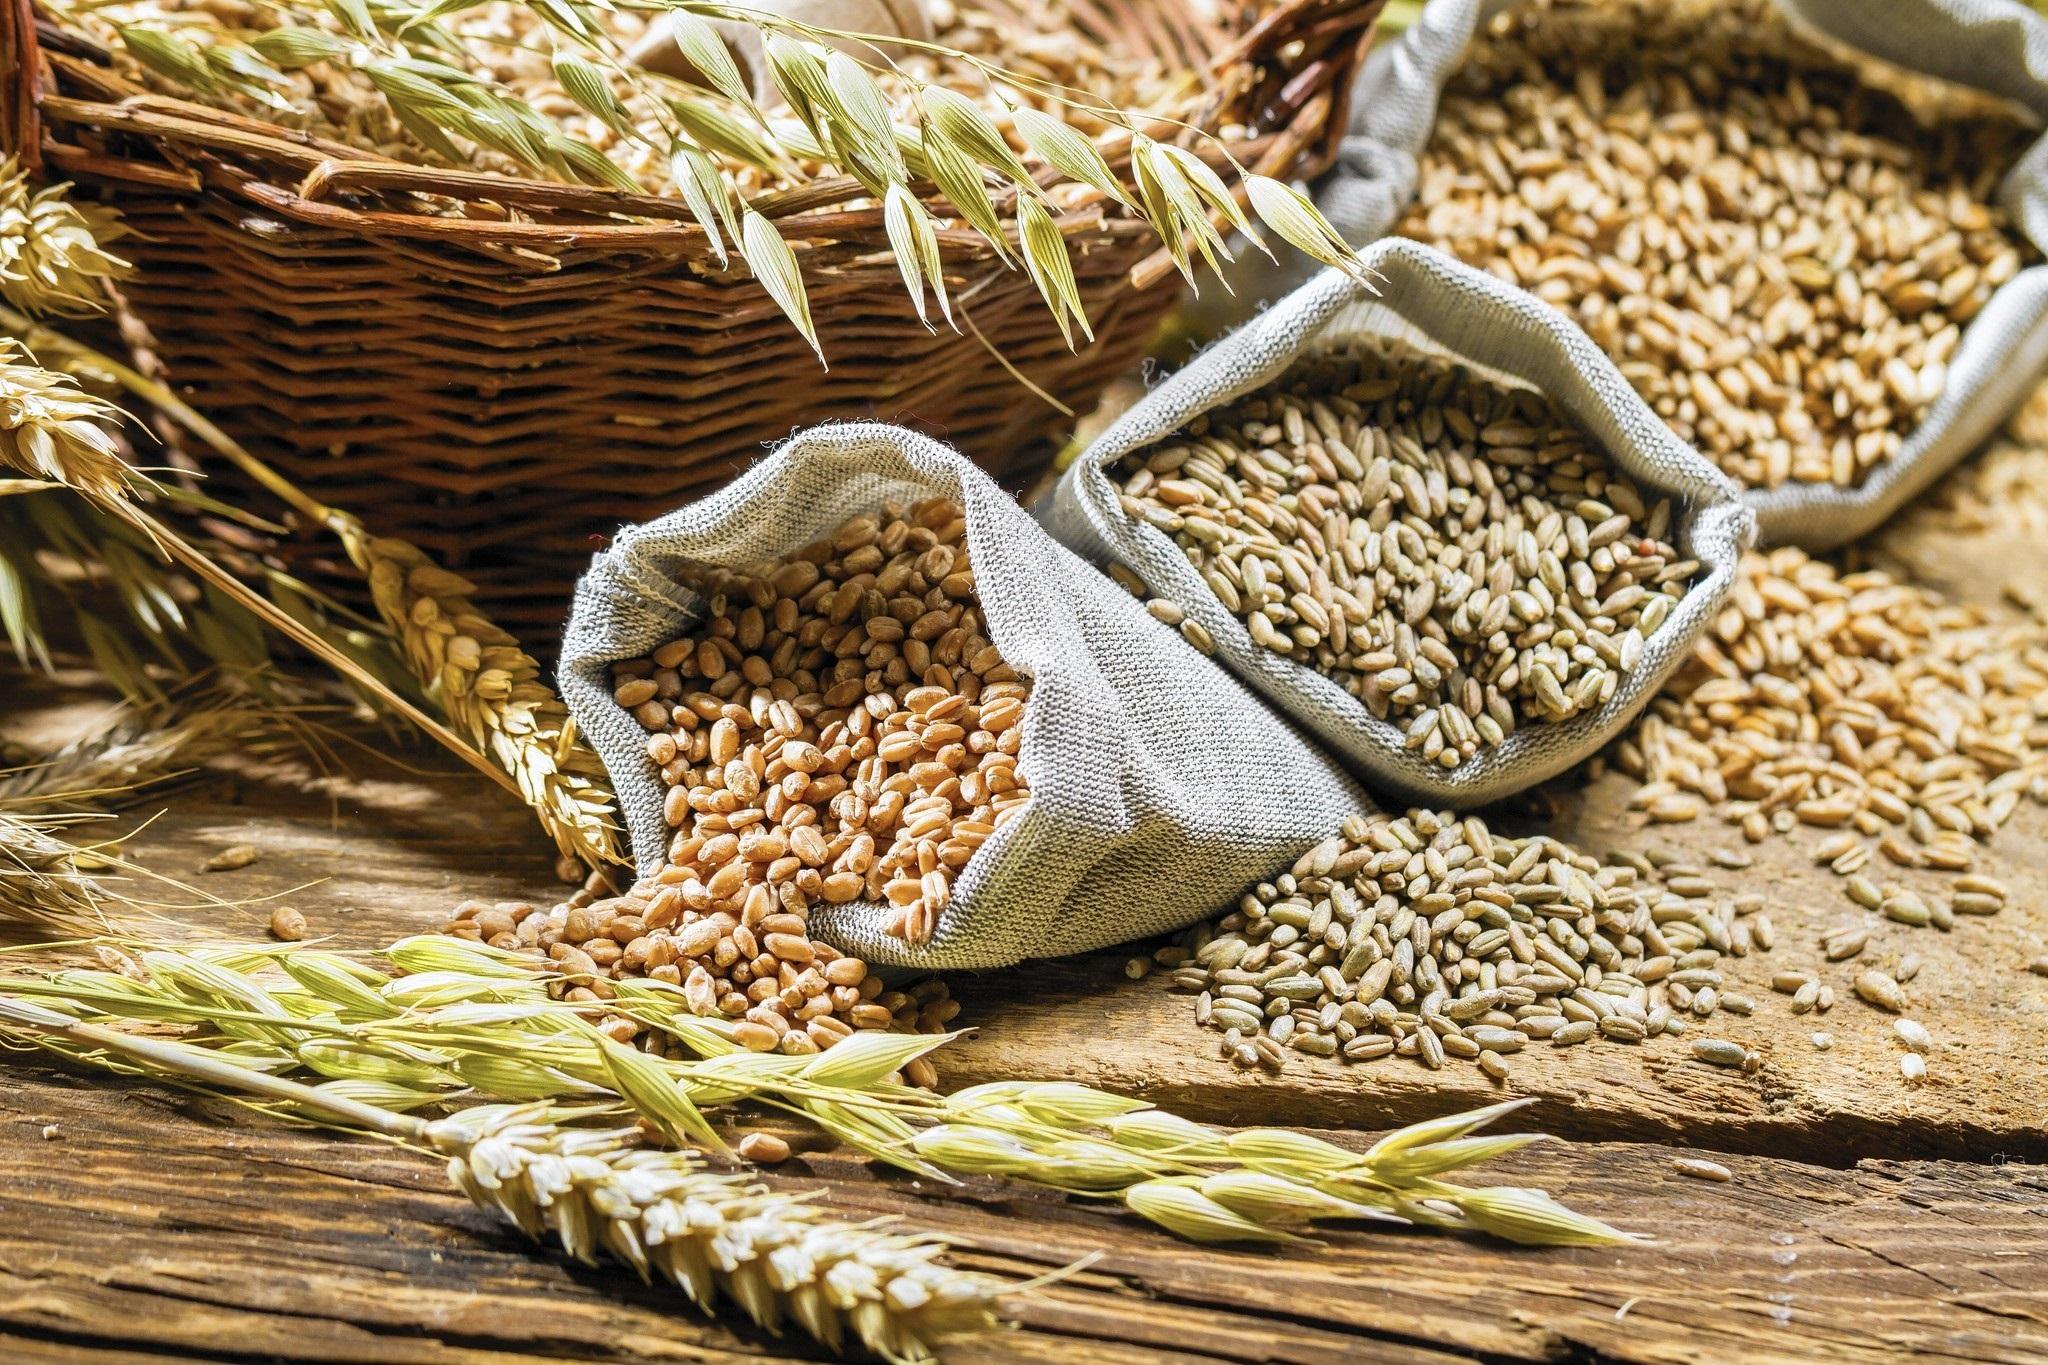 зерно сельское хозяйство переработка